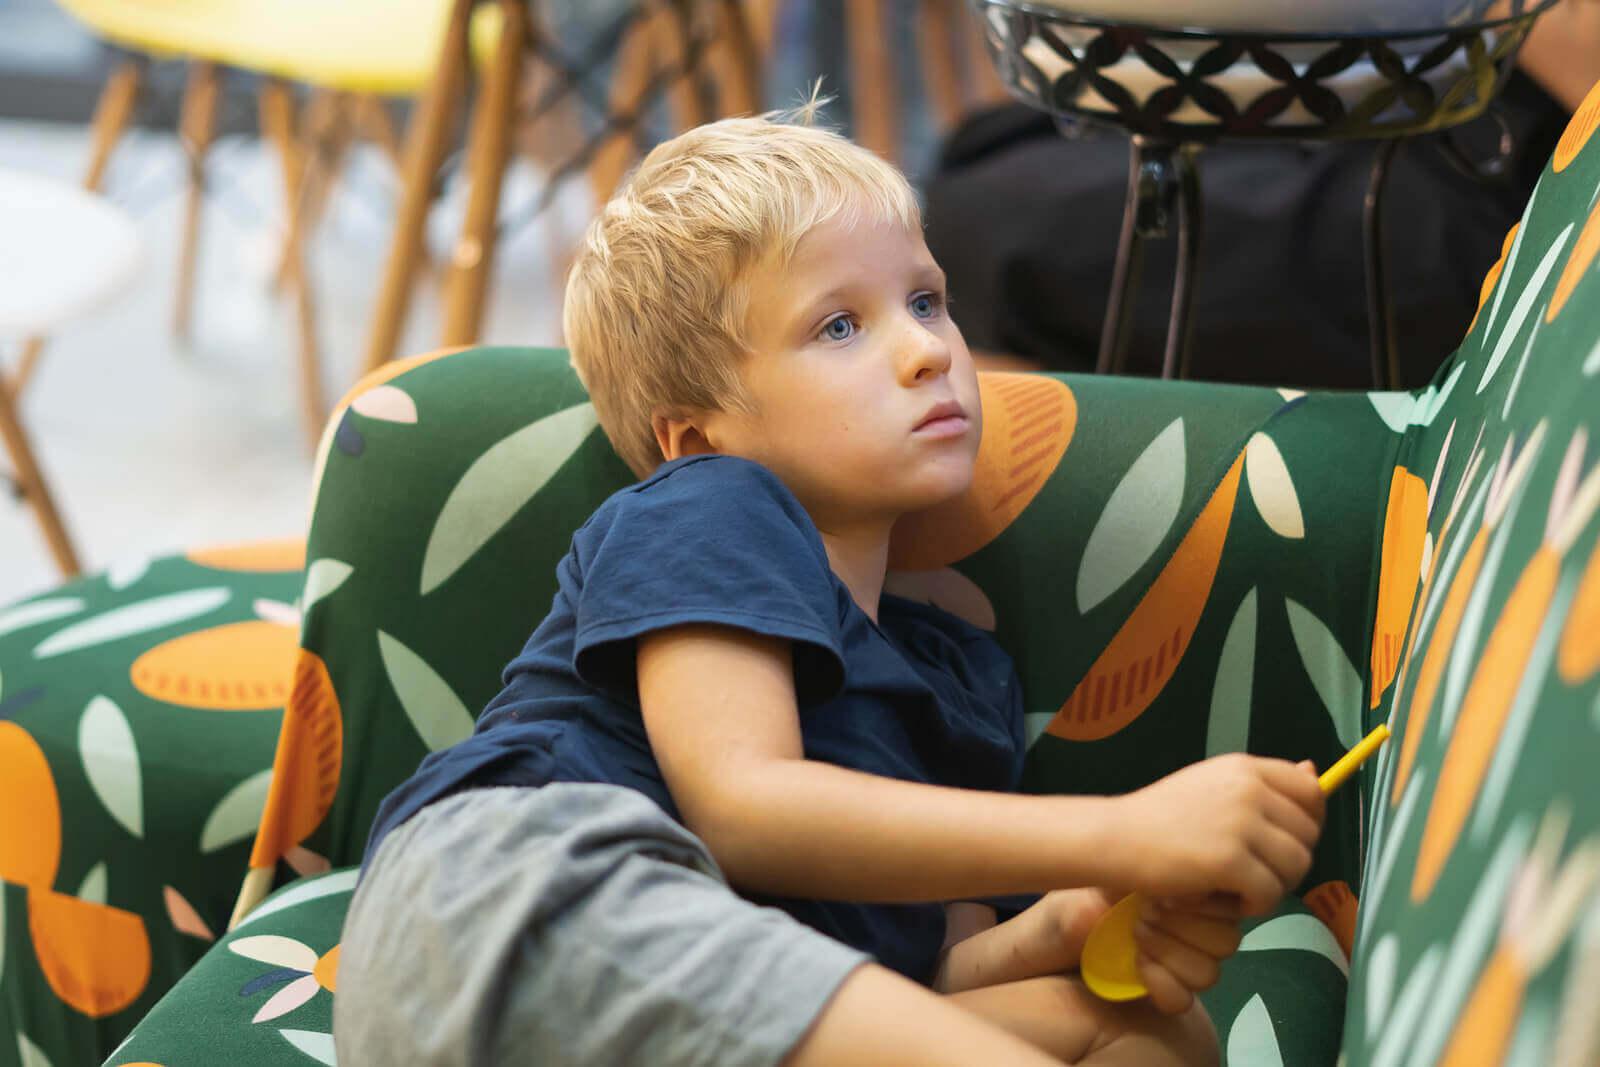 maus comportamentos das crianças que não devemos permitir